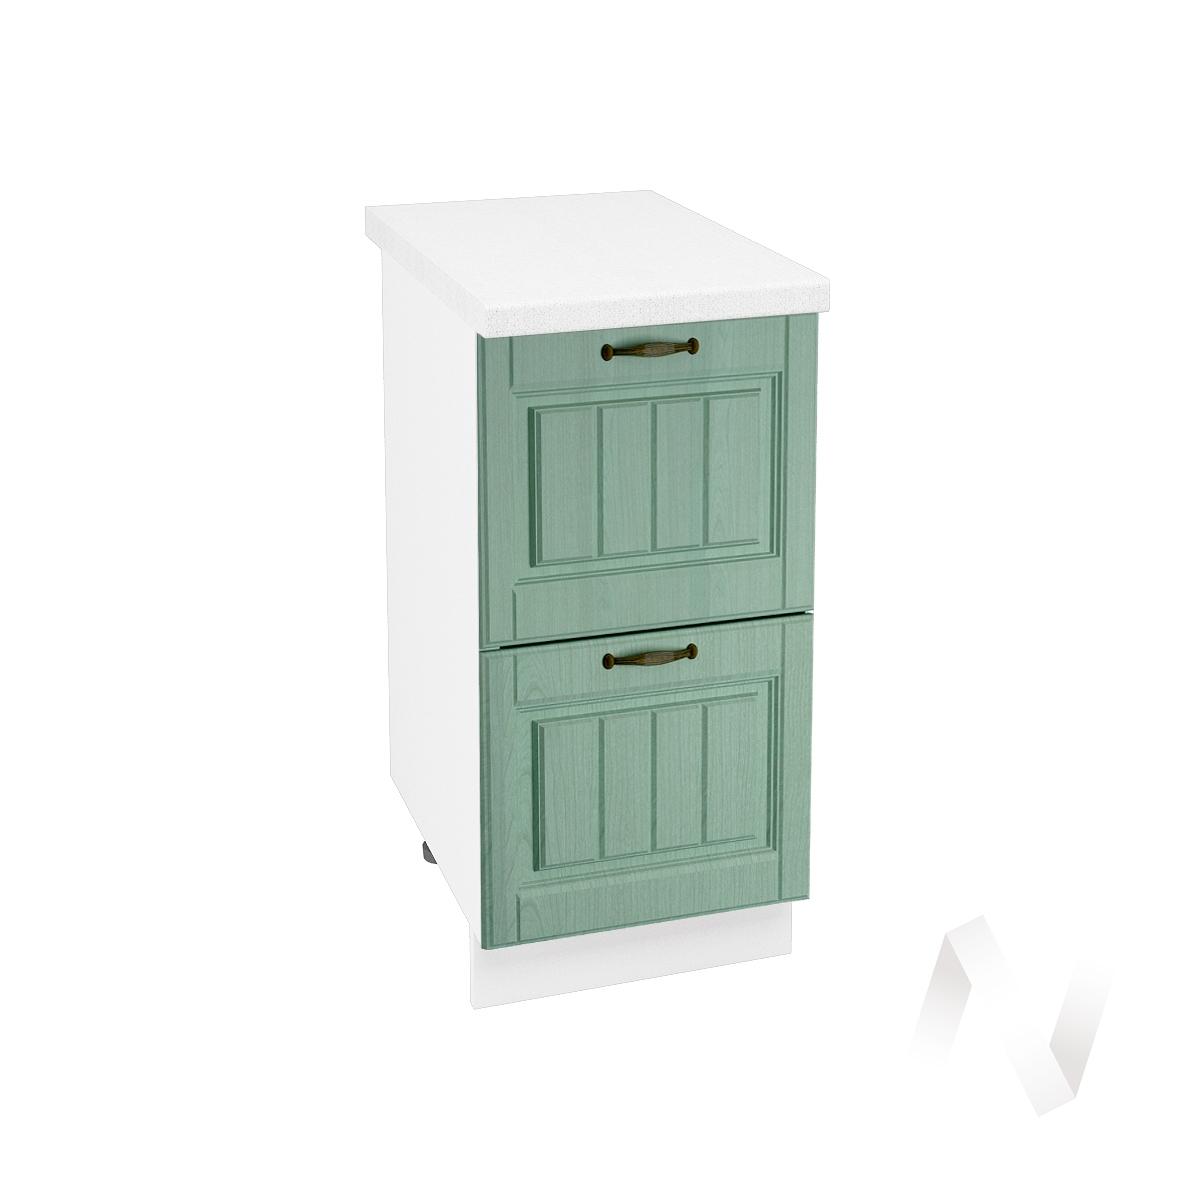 """Кухня """"Прованс"""": Шкаф нижний с 2-мя ящиками 400, ШН2Я 400 (корпус белый)"""